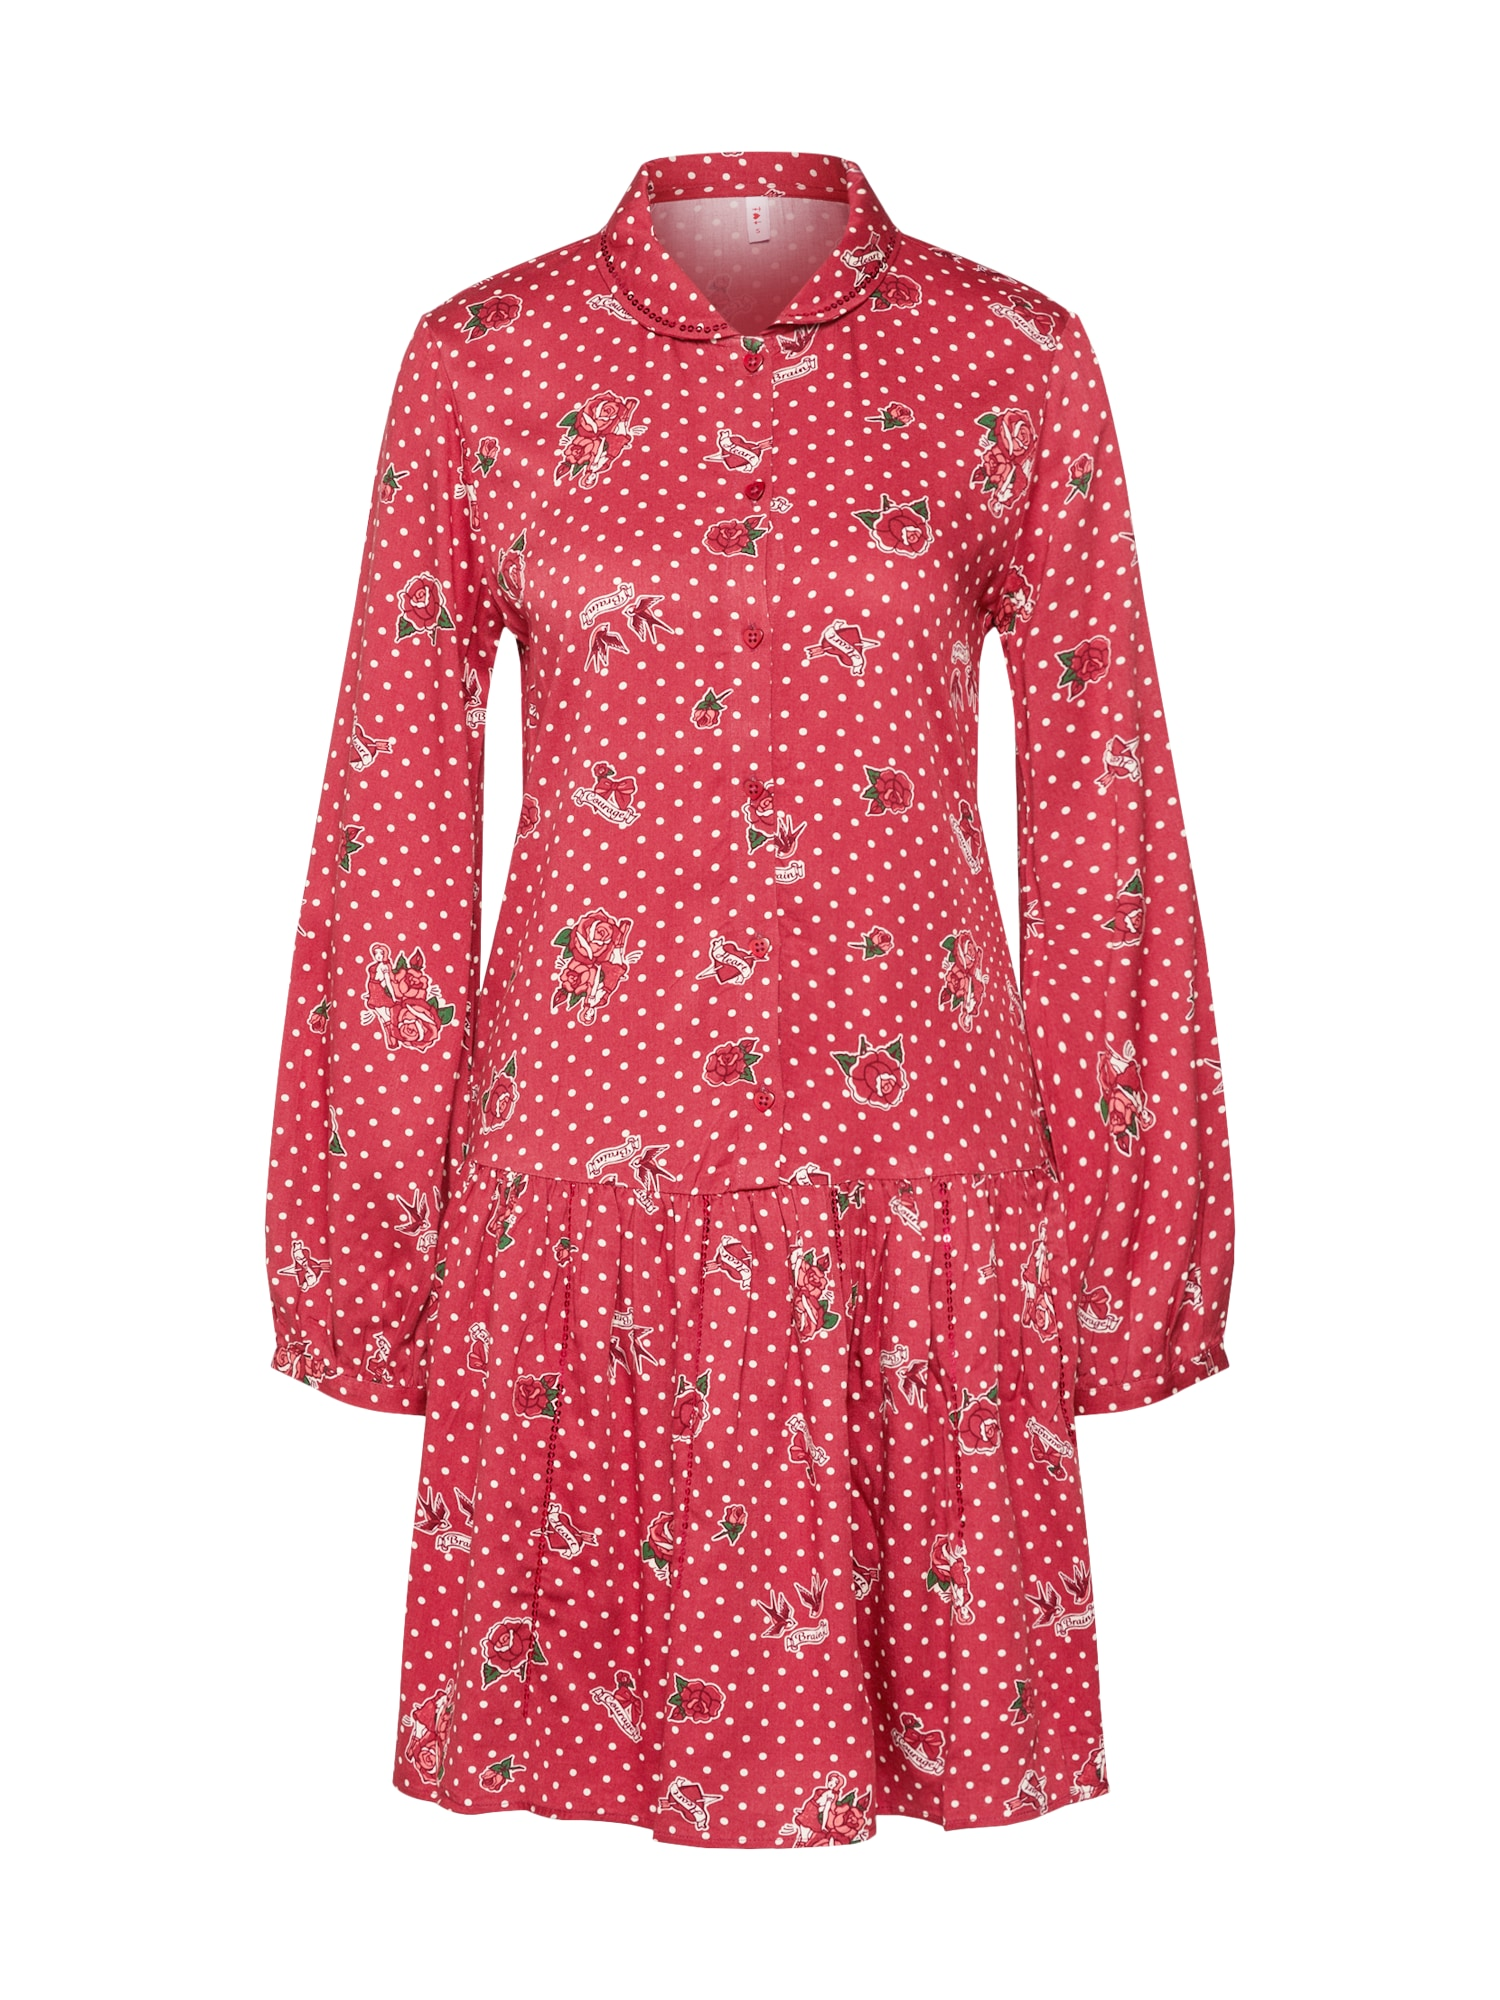 Blutsgeschwister Palaidinės tipo suknelė 'new romantics minidress' raudona